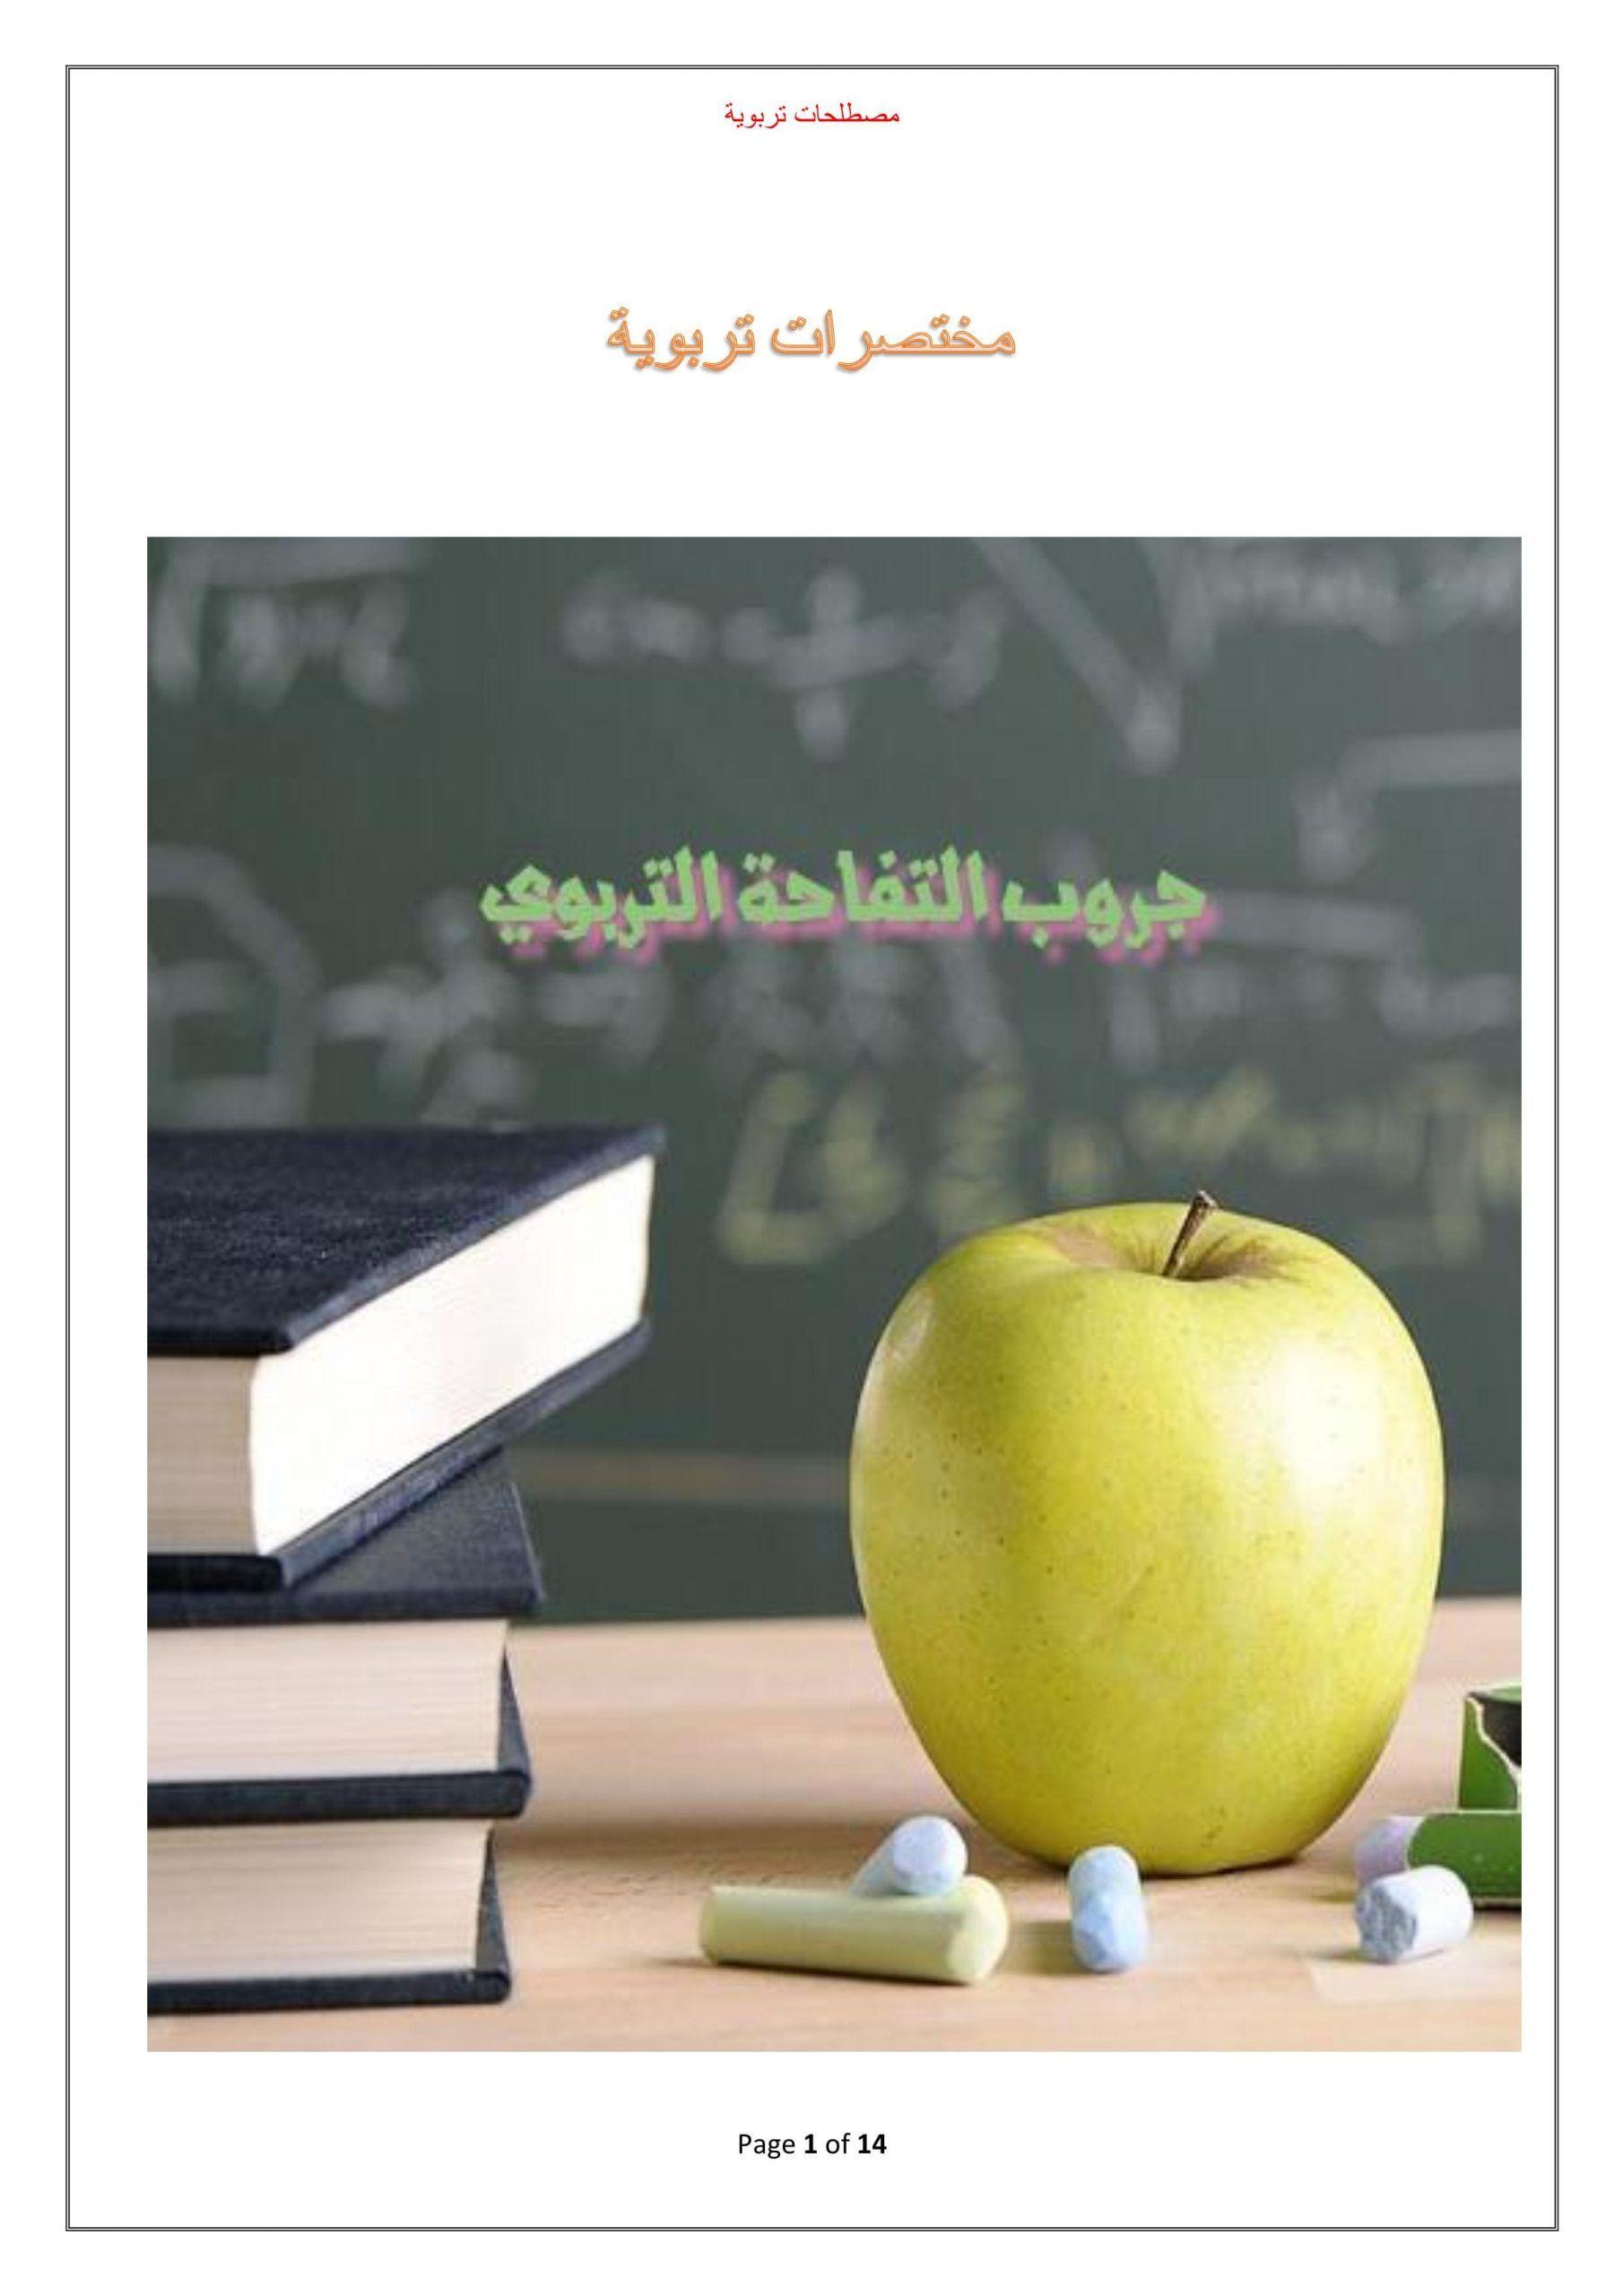 مصطلحات ومختصرات تربوية للمعلم في العملية التدريسية Apple